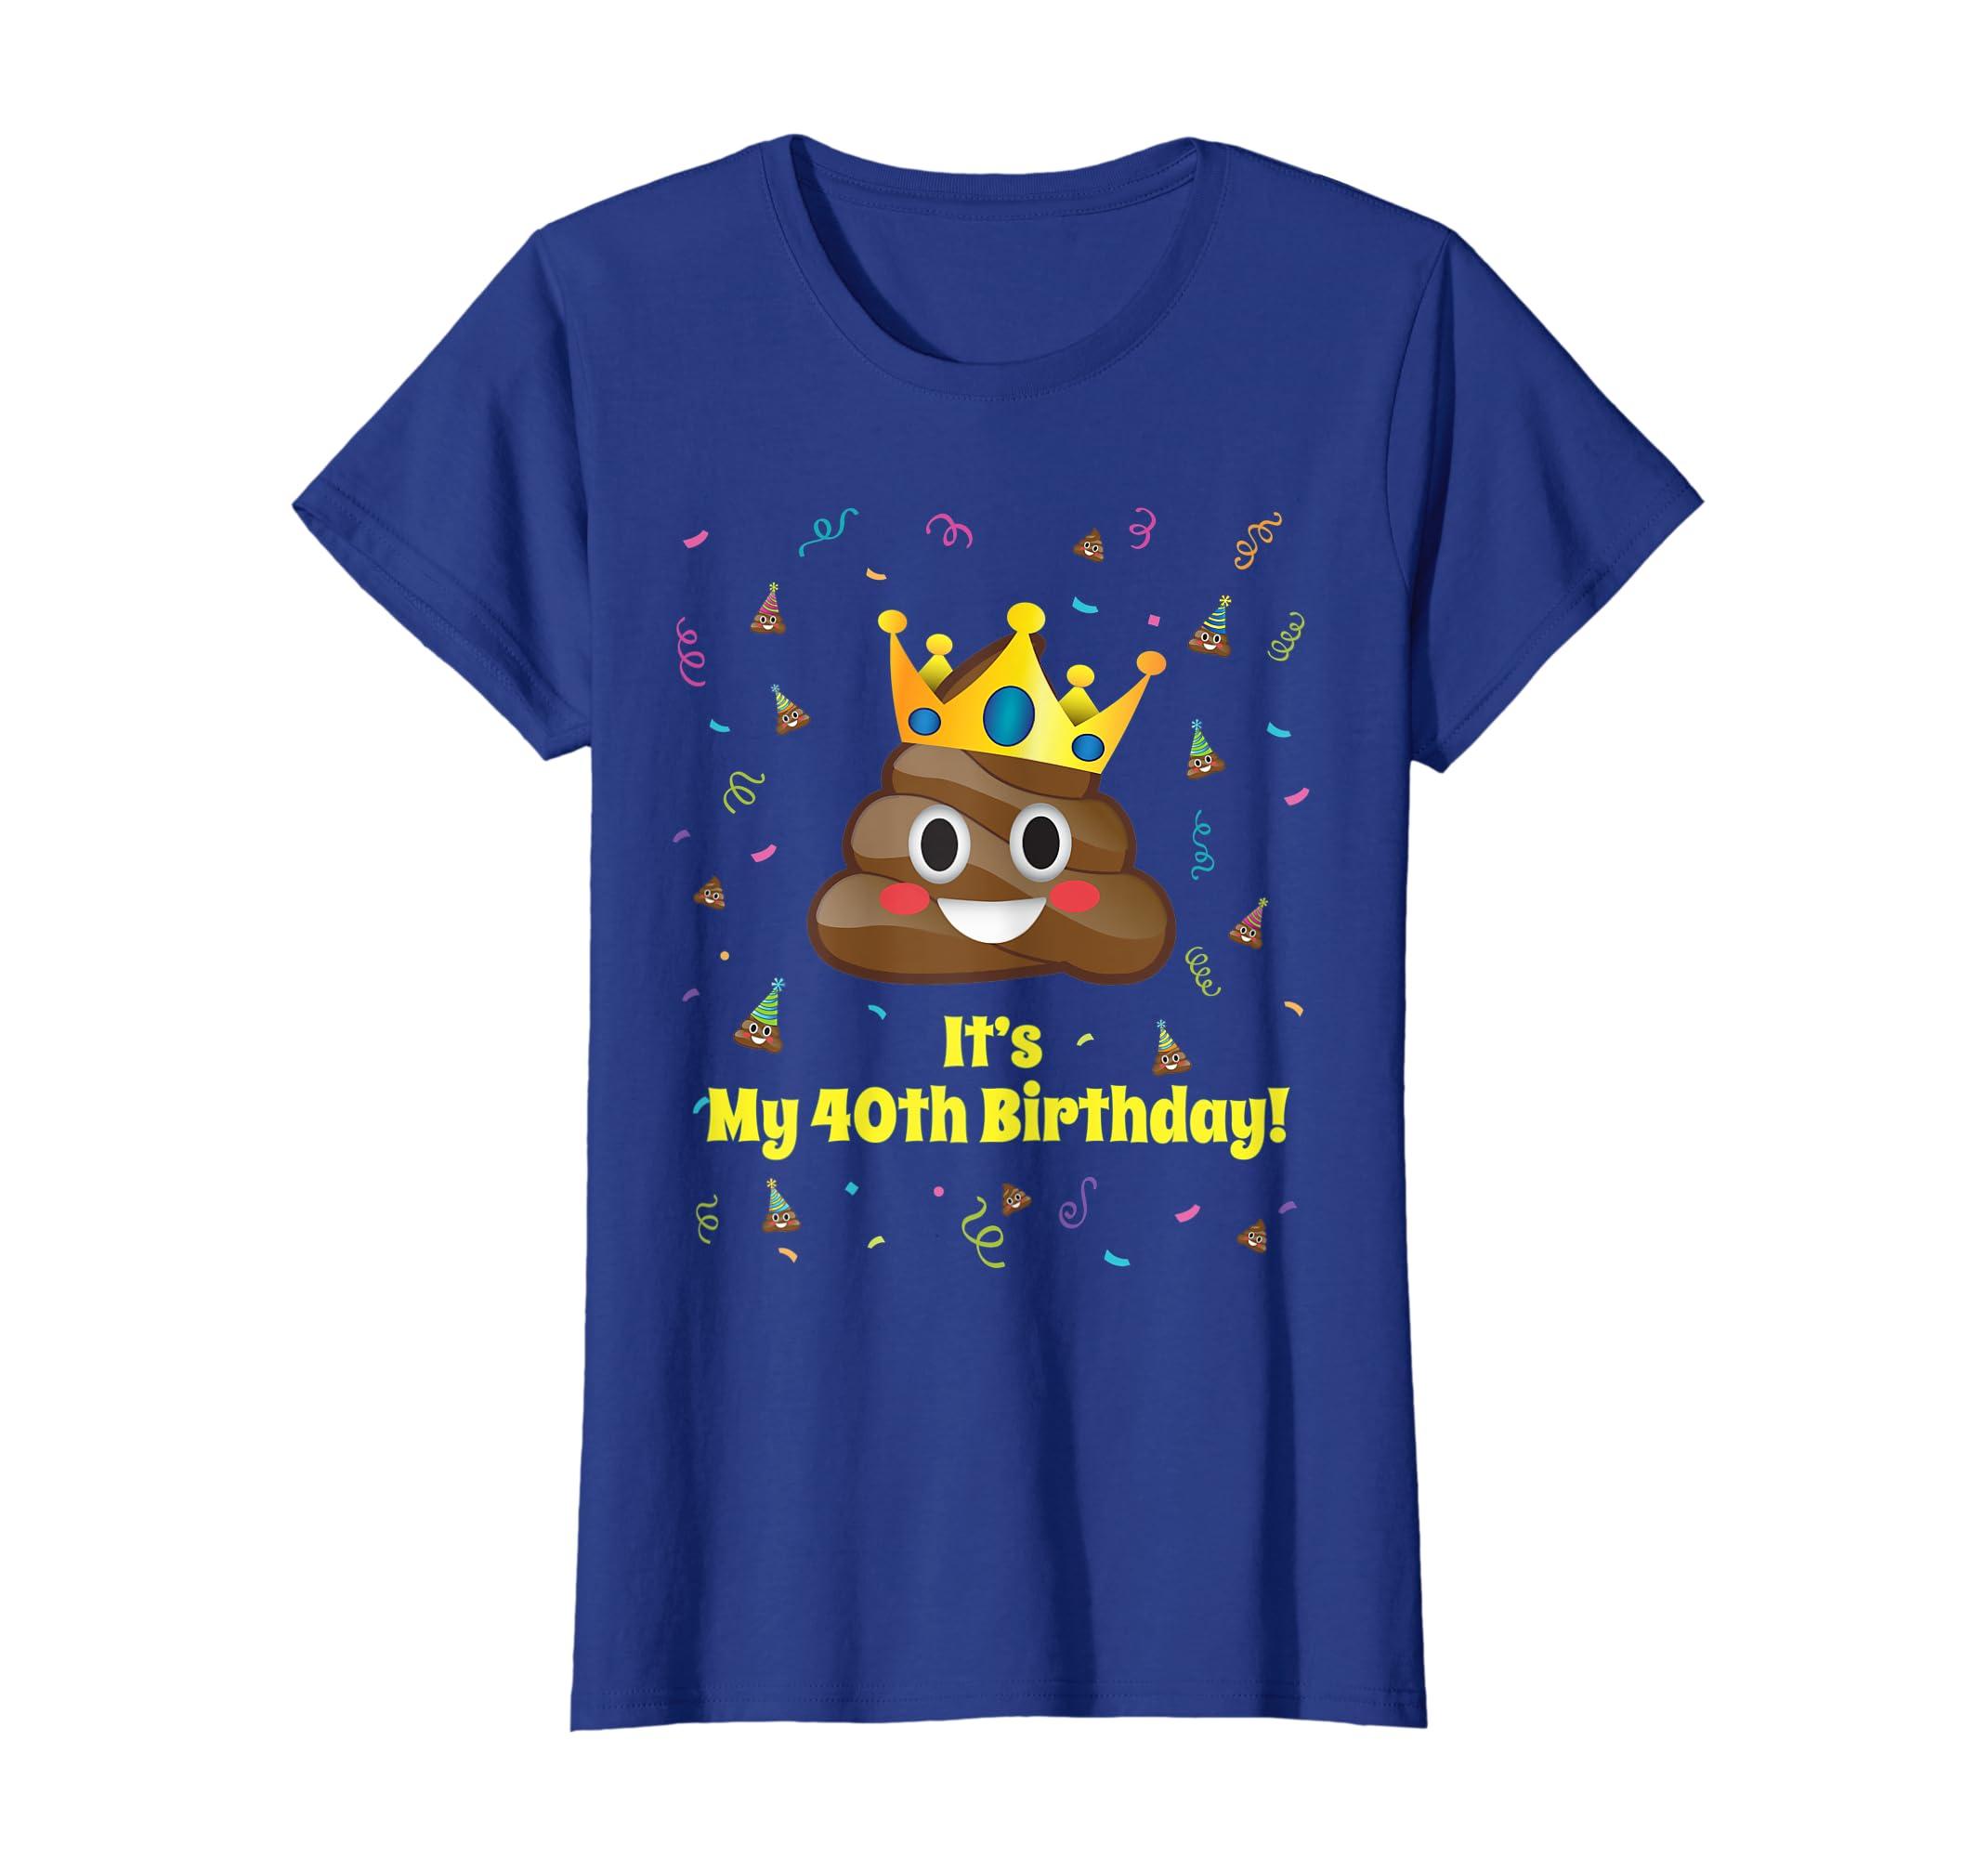 Amazon Poop Emoji Its My 40th Birthday Crown Shirt Men 40 Tshirt Clothing